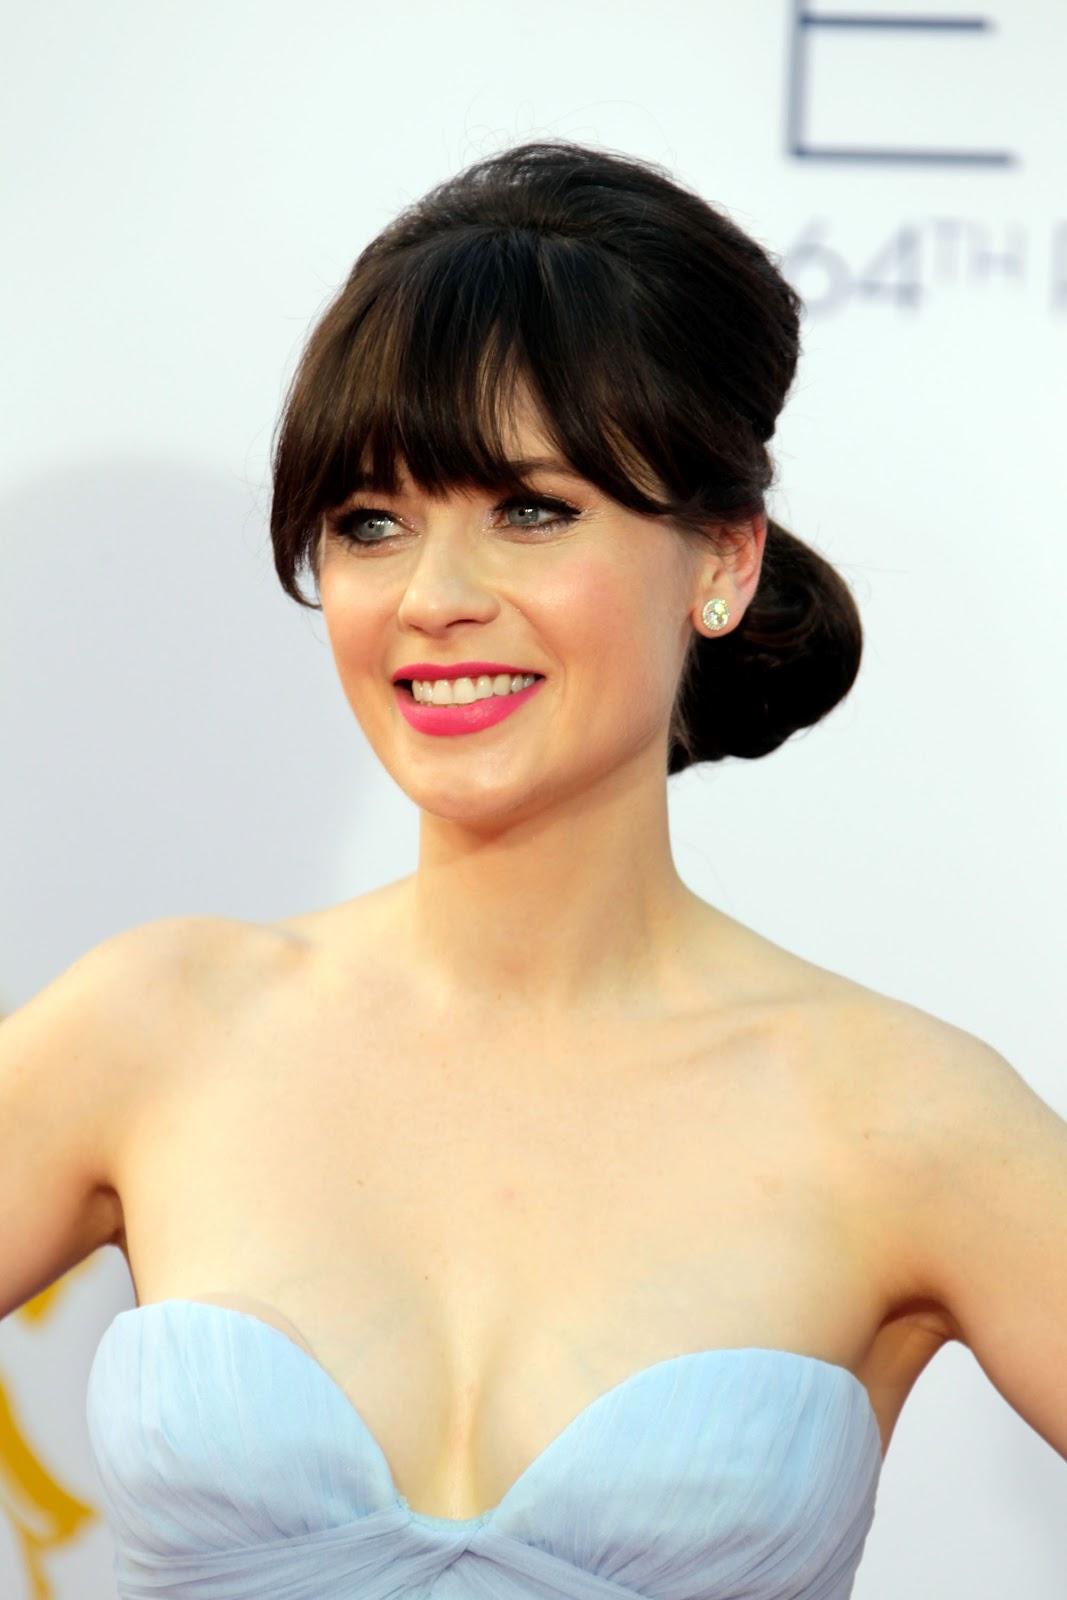 http://3.bp.blogspot.com/-0BjMJ45Q-2k/UGC37UgmYNI/AAAAAAAAApI/2ykcLzIpAjs/s1600/Zooey+Deschanel+at+2012+Emmys.jpg